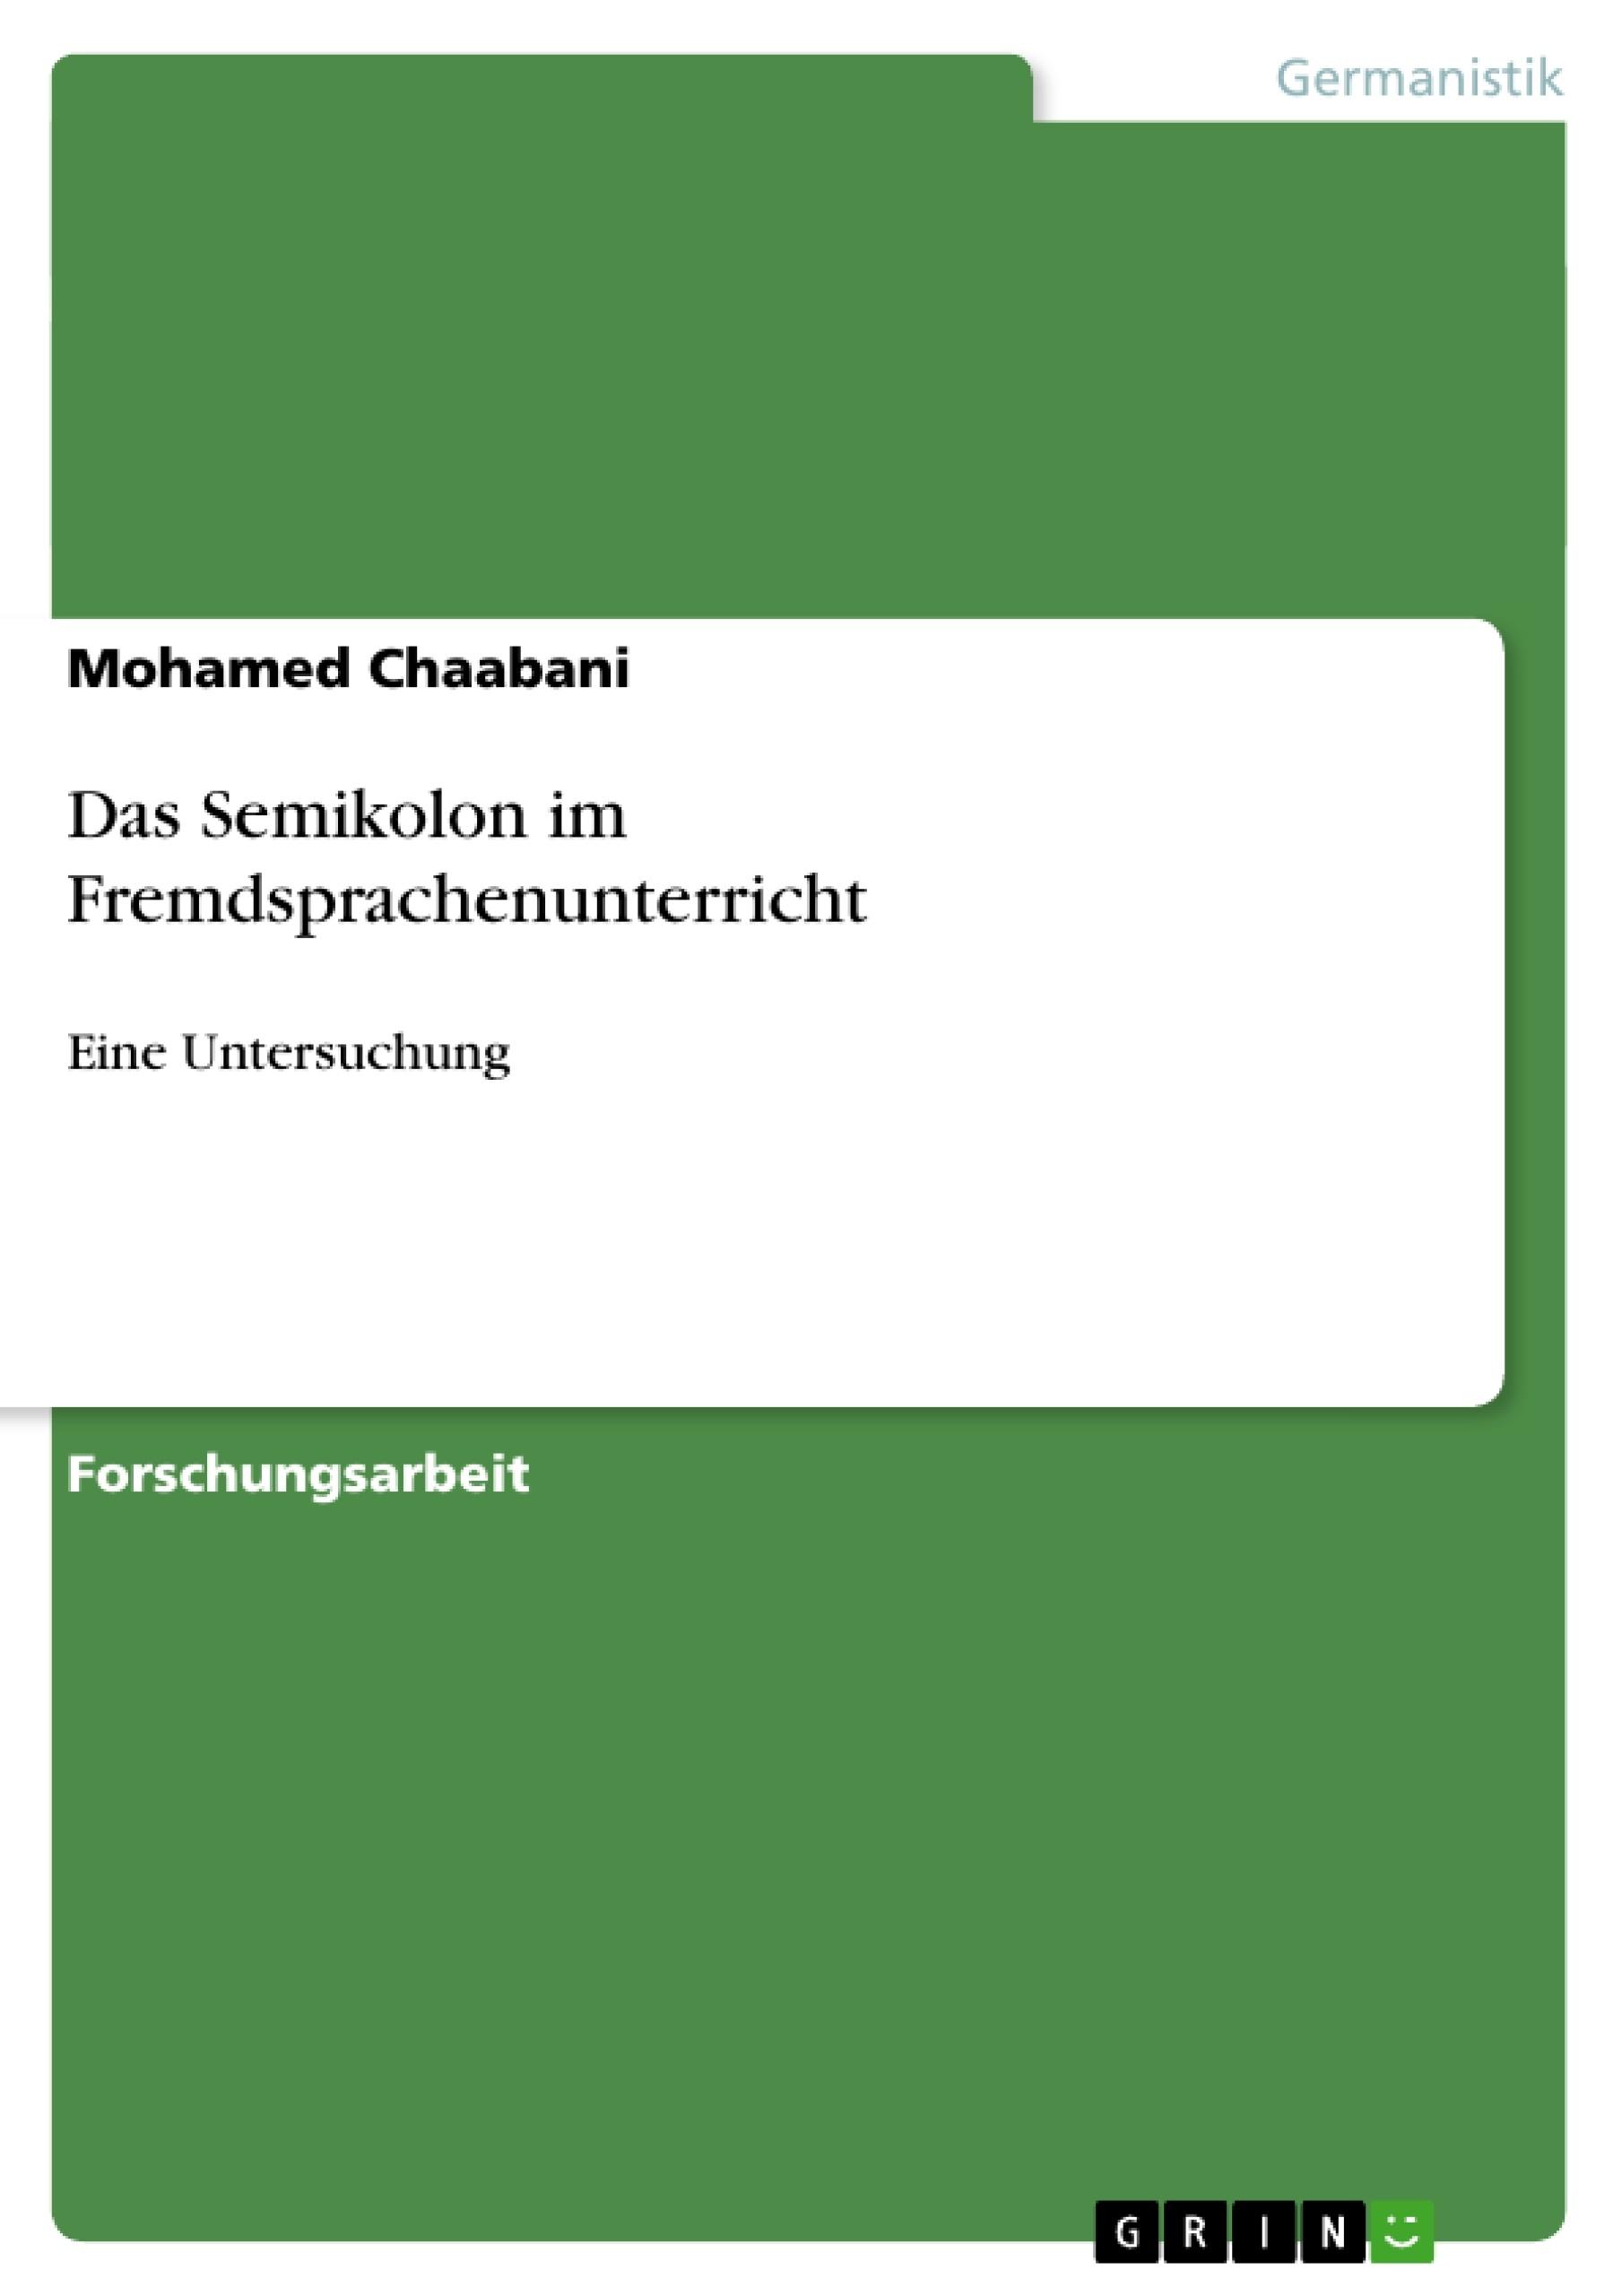 Titel: Das Semikolon im Fremdsprachenunterricht